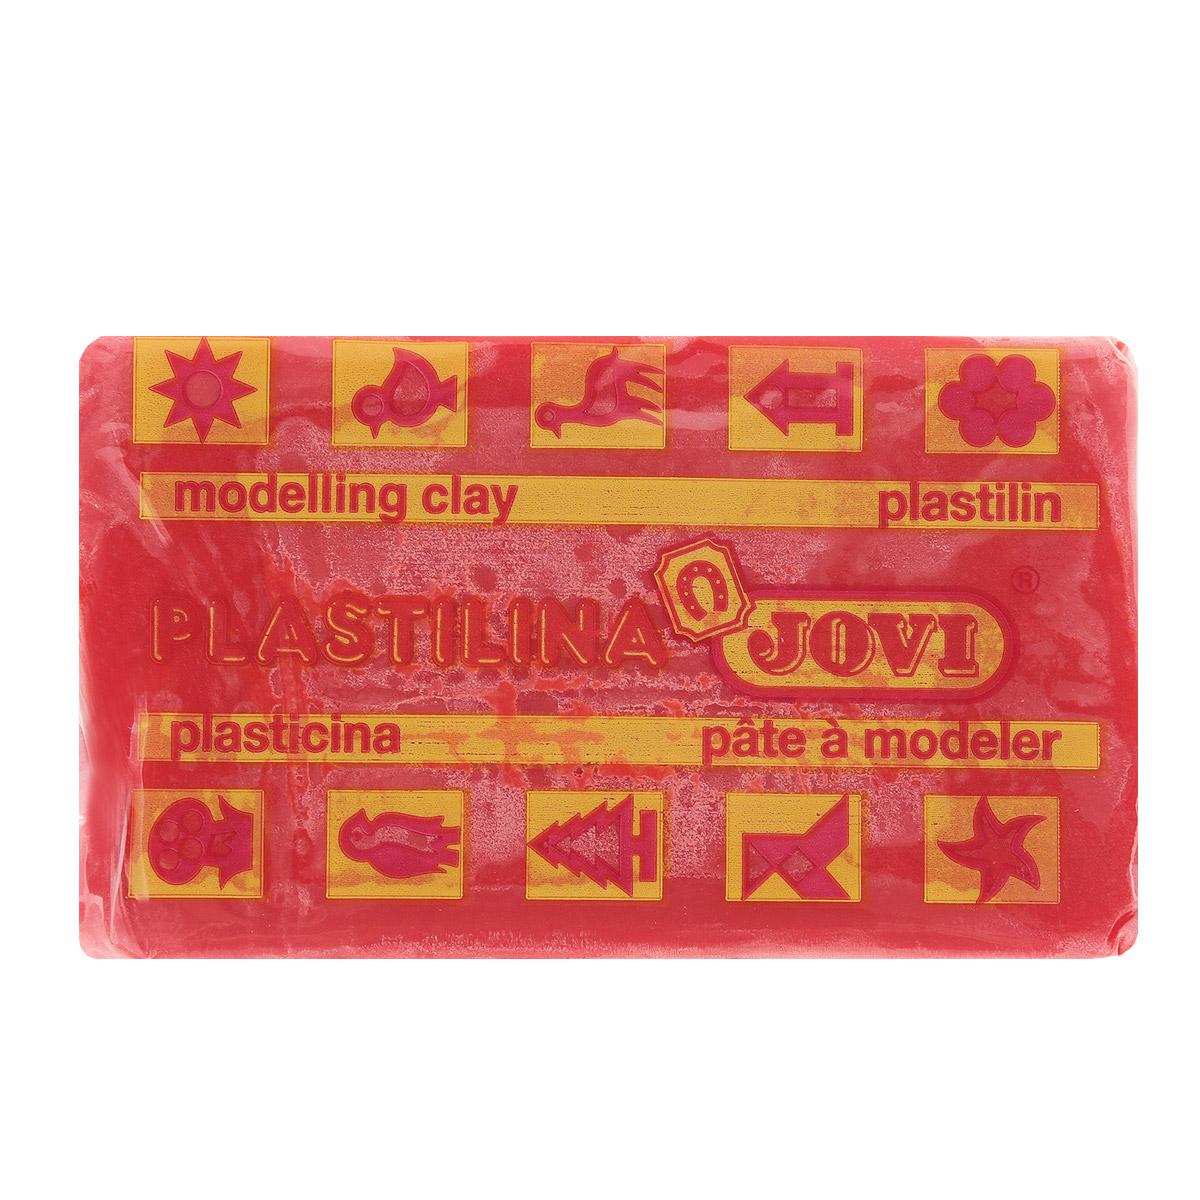 Jovi Пластилин, цвет: красный, 50 г7005U_красныйПластилин Jovi - лучший выбор для лепки, он обладает превосходными изобразительными возможностями и поэтому дает простор воображению и самым смелым творческим замыслам. Пластилин, изготовленный на растительной основе, очень мягкий, легко разминается и смешивается, не пачкает руки и не прилипает к рабочей поверхности. Пластилин пригоден для создания аппликаций и поделок, ручной лепки, моделирования на каркасе, пластилиновой живописи - рисовании пластилином по бумаге, картону, дереву или текстилю. Пластические свойства сохраняются в течение 5 лет.